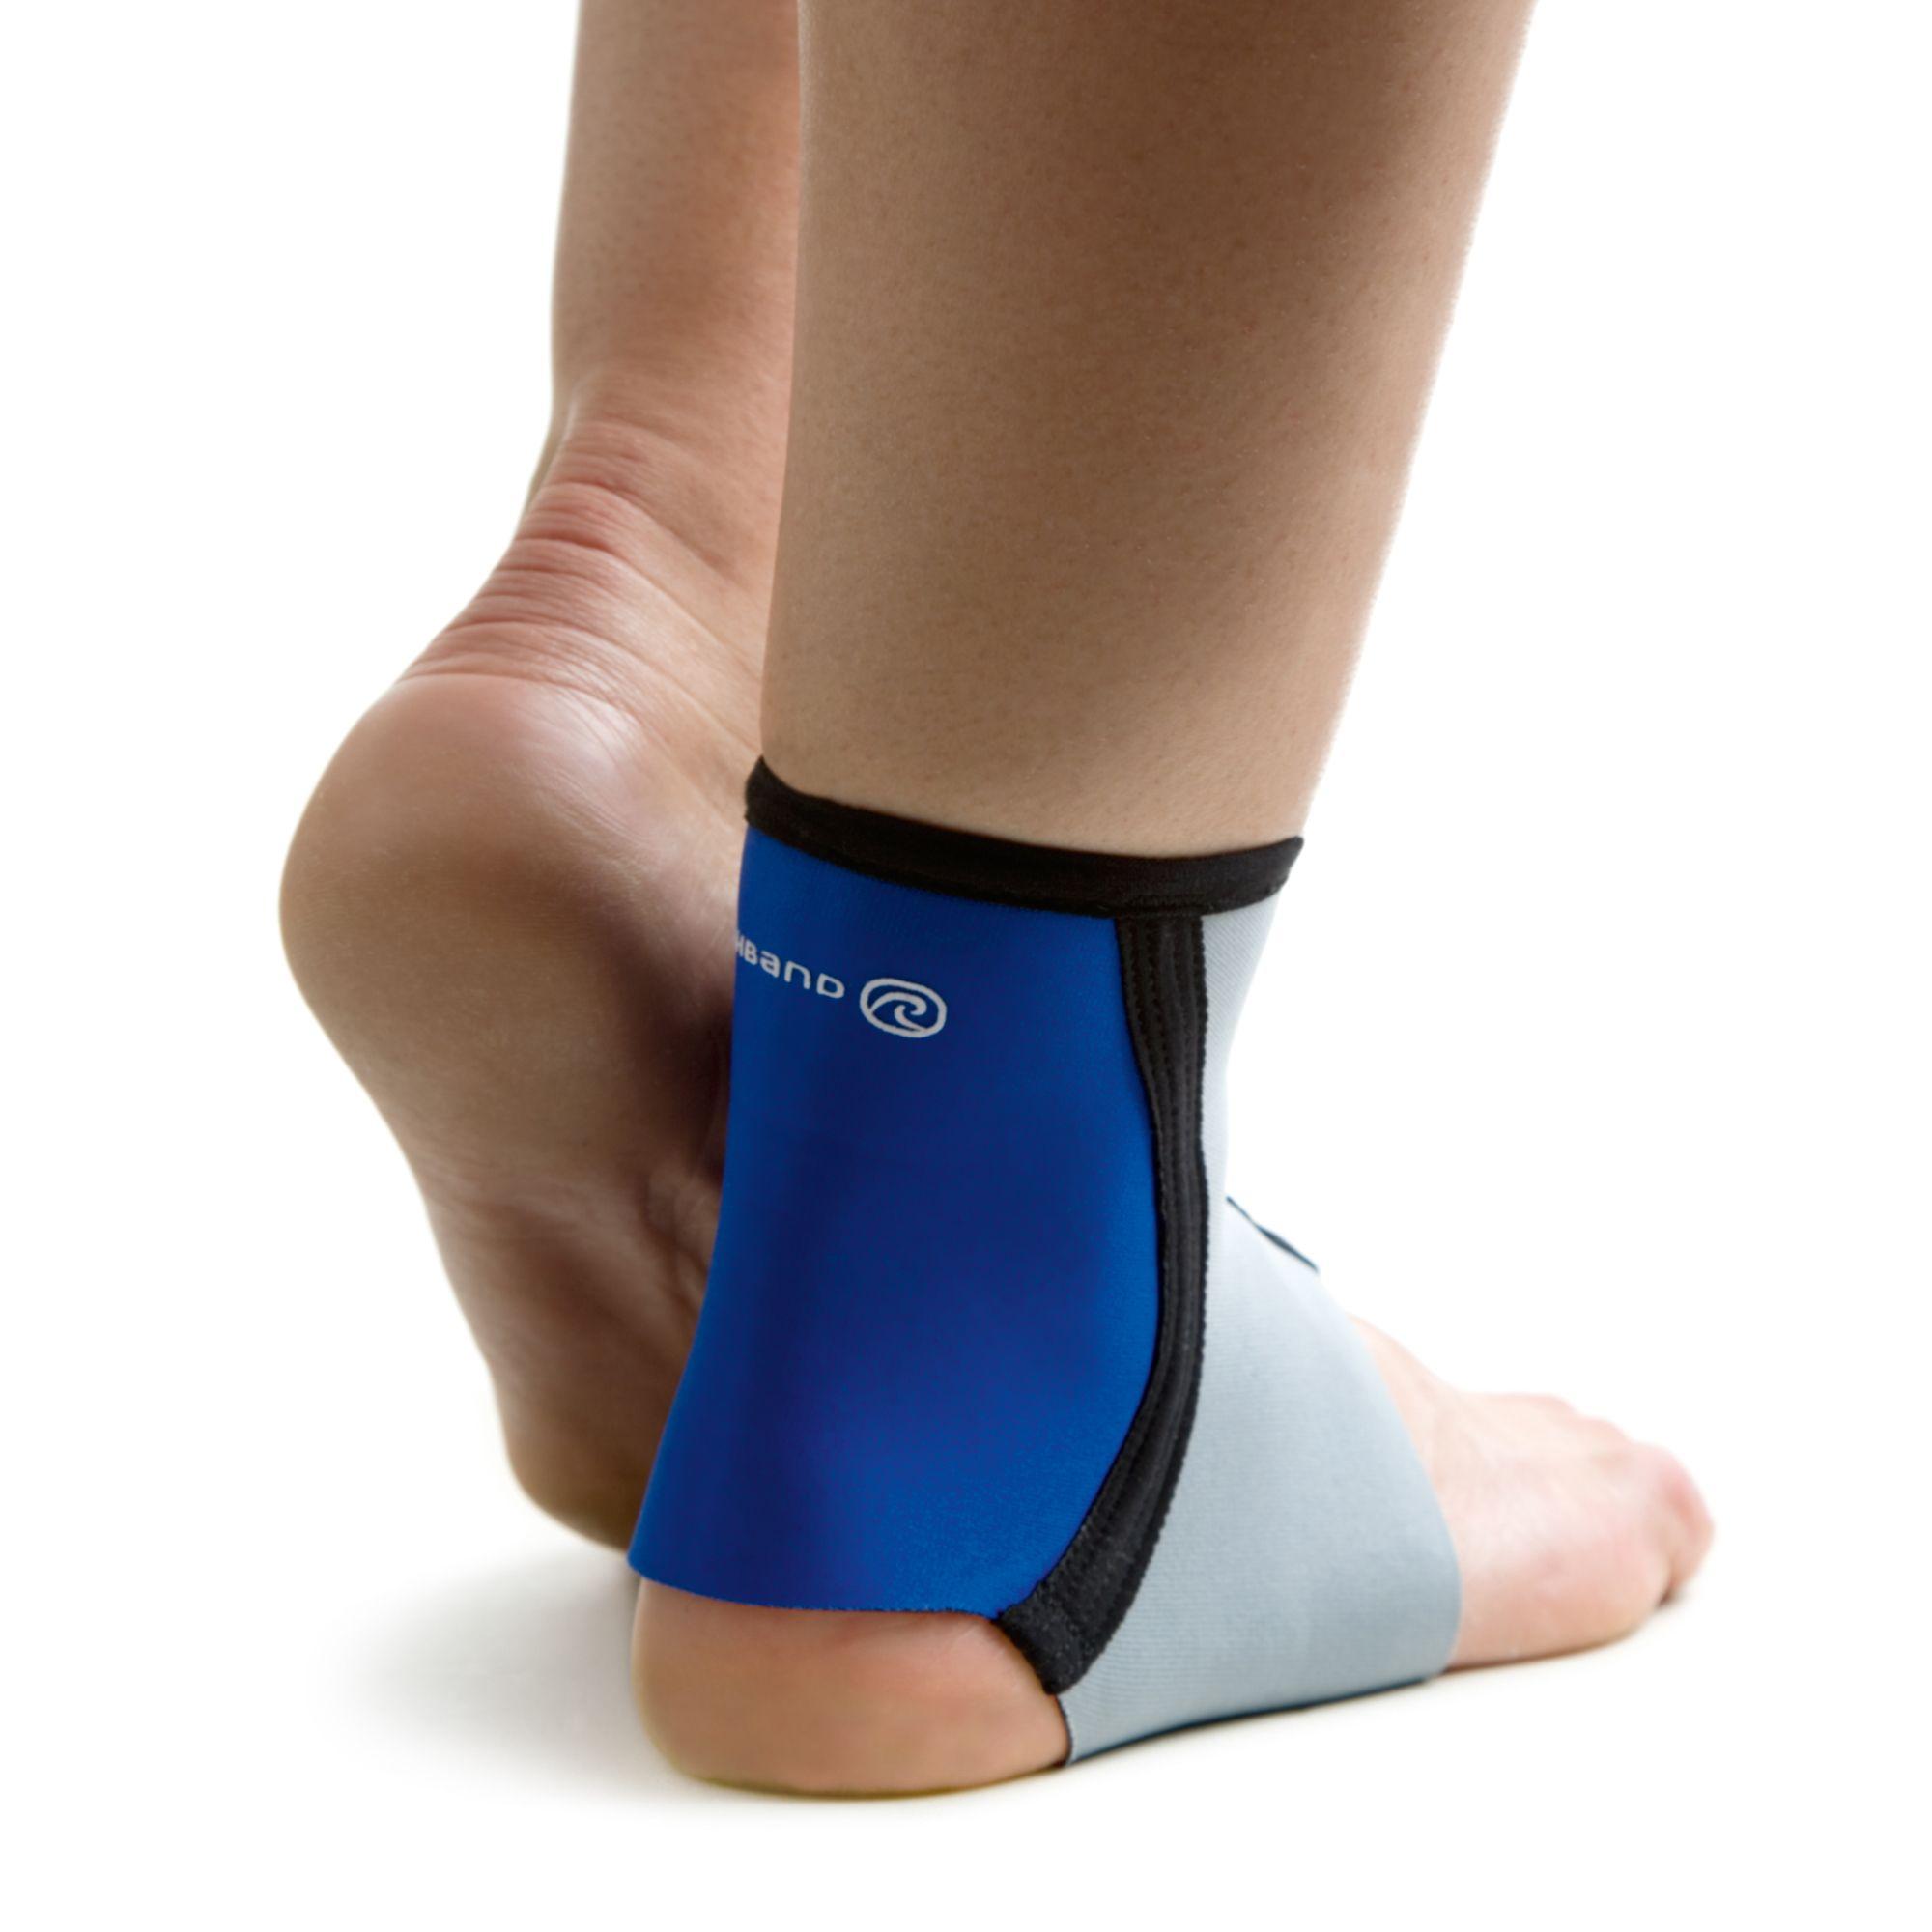 De Rehband enkelbrace Basic Line 7973 is ideaal voor lichte enkelblessures en zwakke enkels. De brace zorgt voor een veilig gevoel tijdens sport en vrije tijd. Door het slanke ontwerp ook in sportschoenen te dragen.